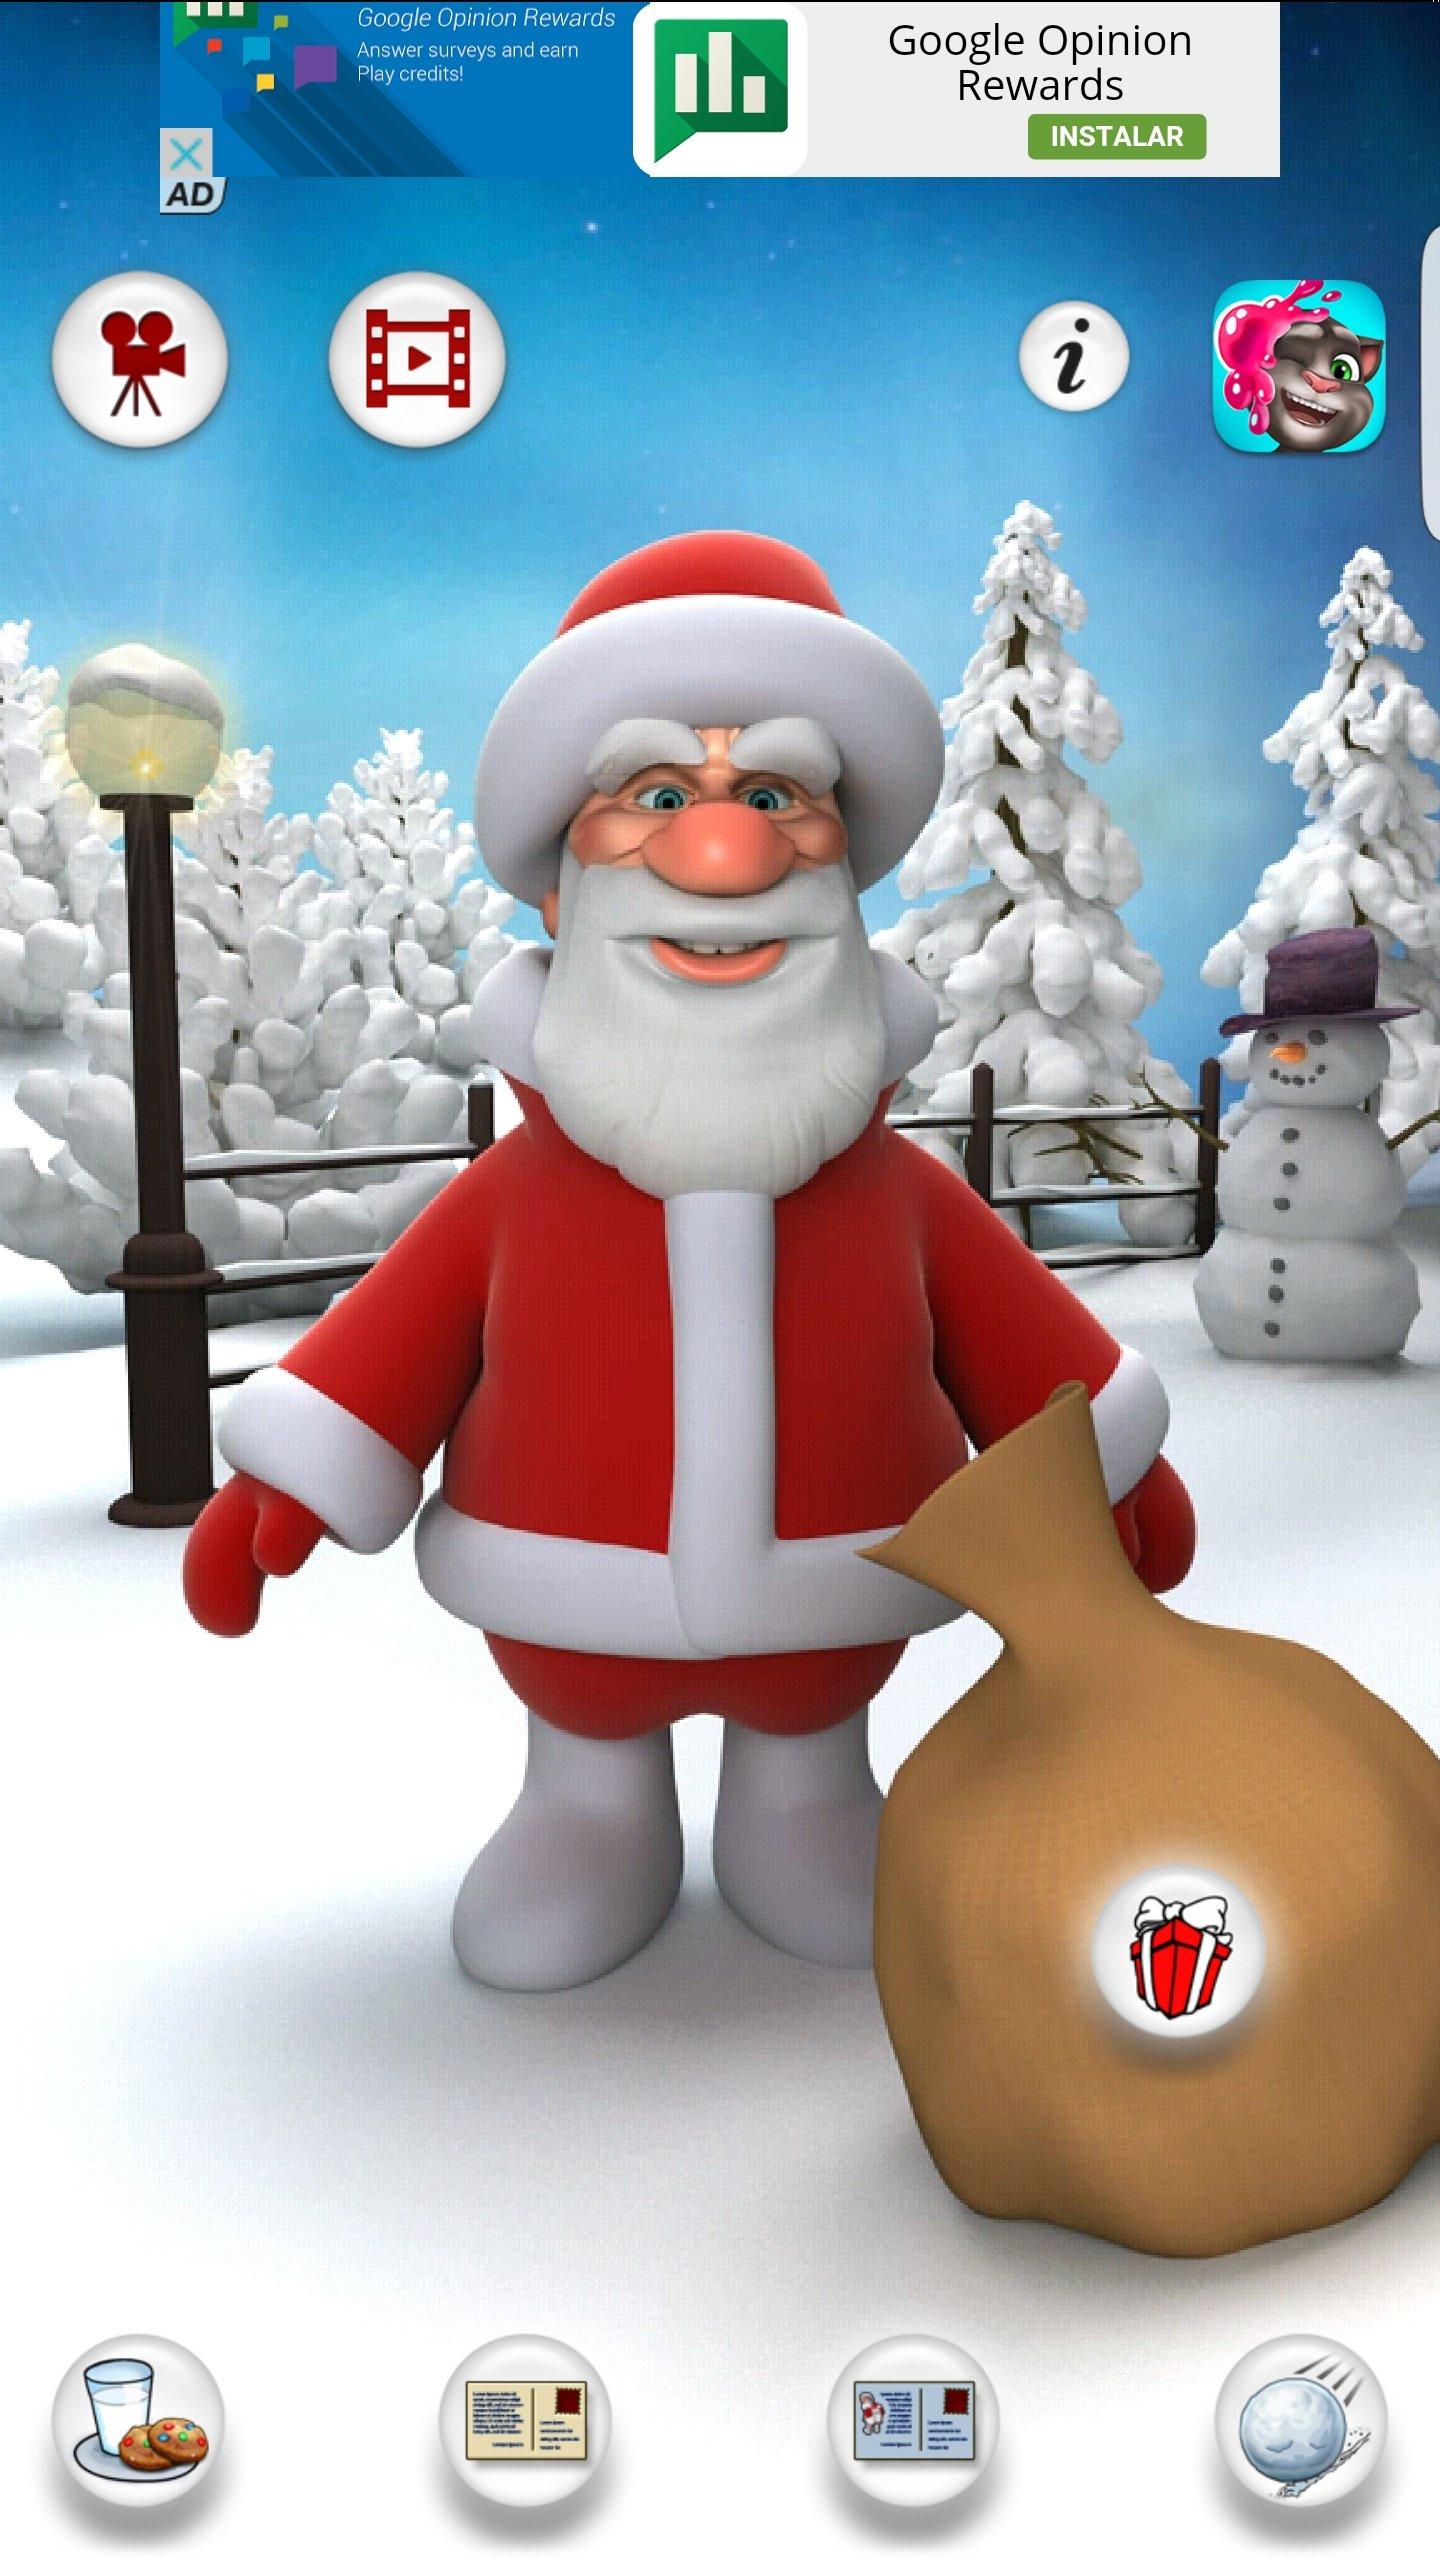 Talking Santa Android image 6